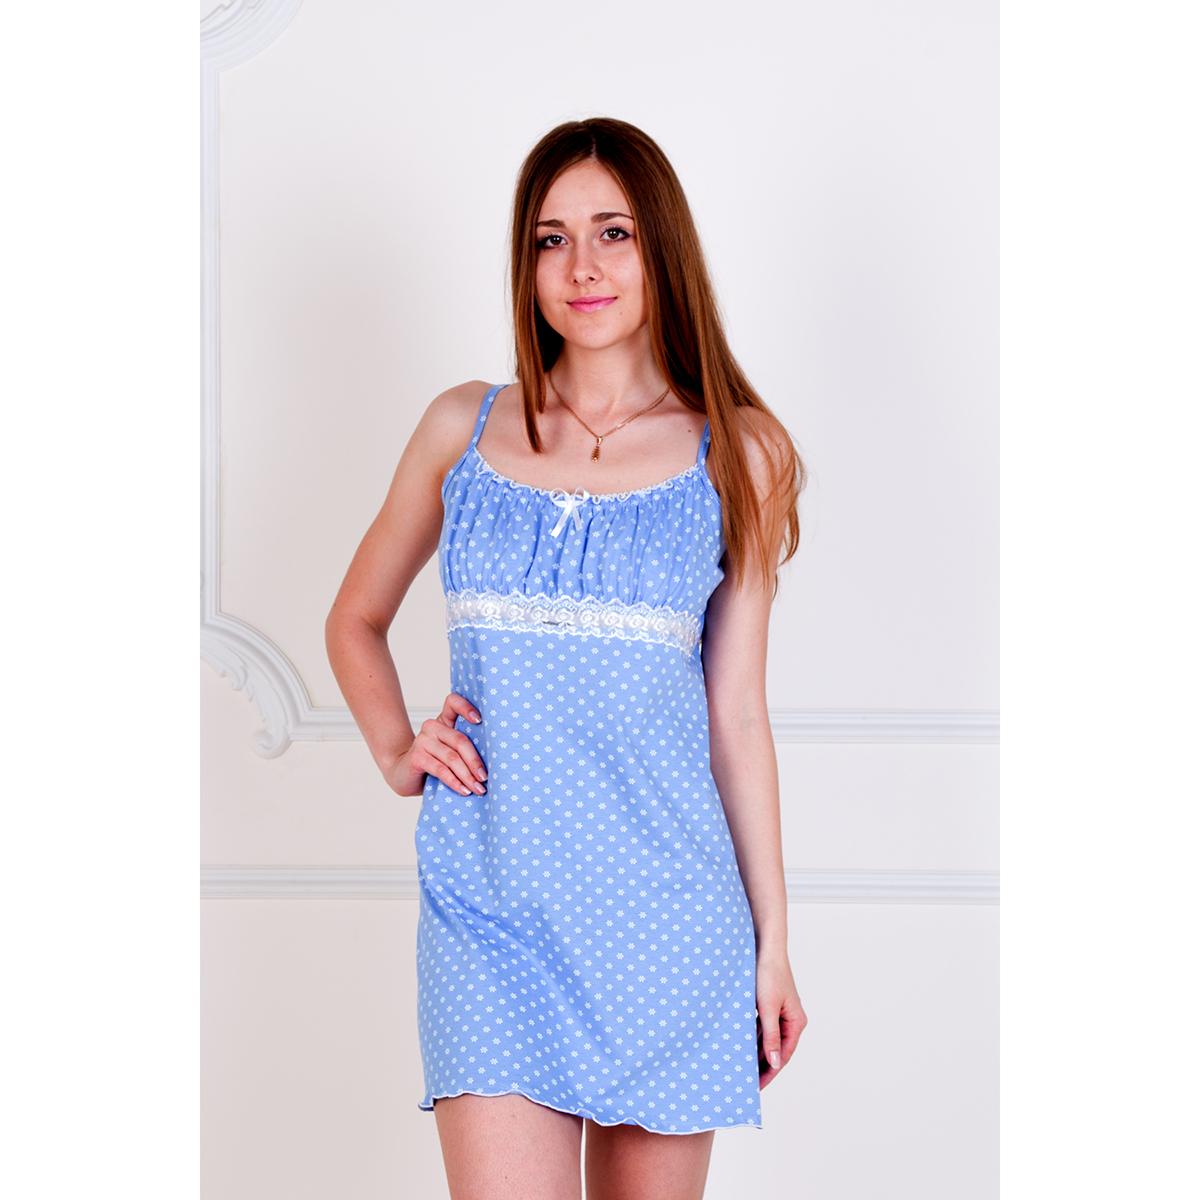 Женская сорочка Неженка Голубой, размер 52Ночные сорочки<br>Обхват груди:104 см<br>Обхват талии:85 см<br>Обхват бедер:112 см<br>Рост:167 см<br><br>Тип: Жен. сорочка<br>Размер: 52<br>Материал: Кулирка